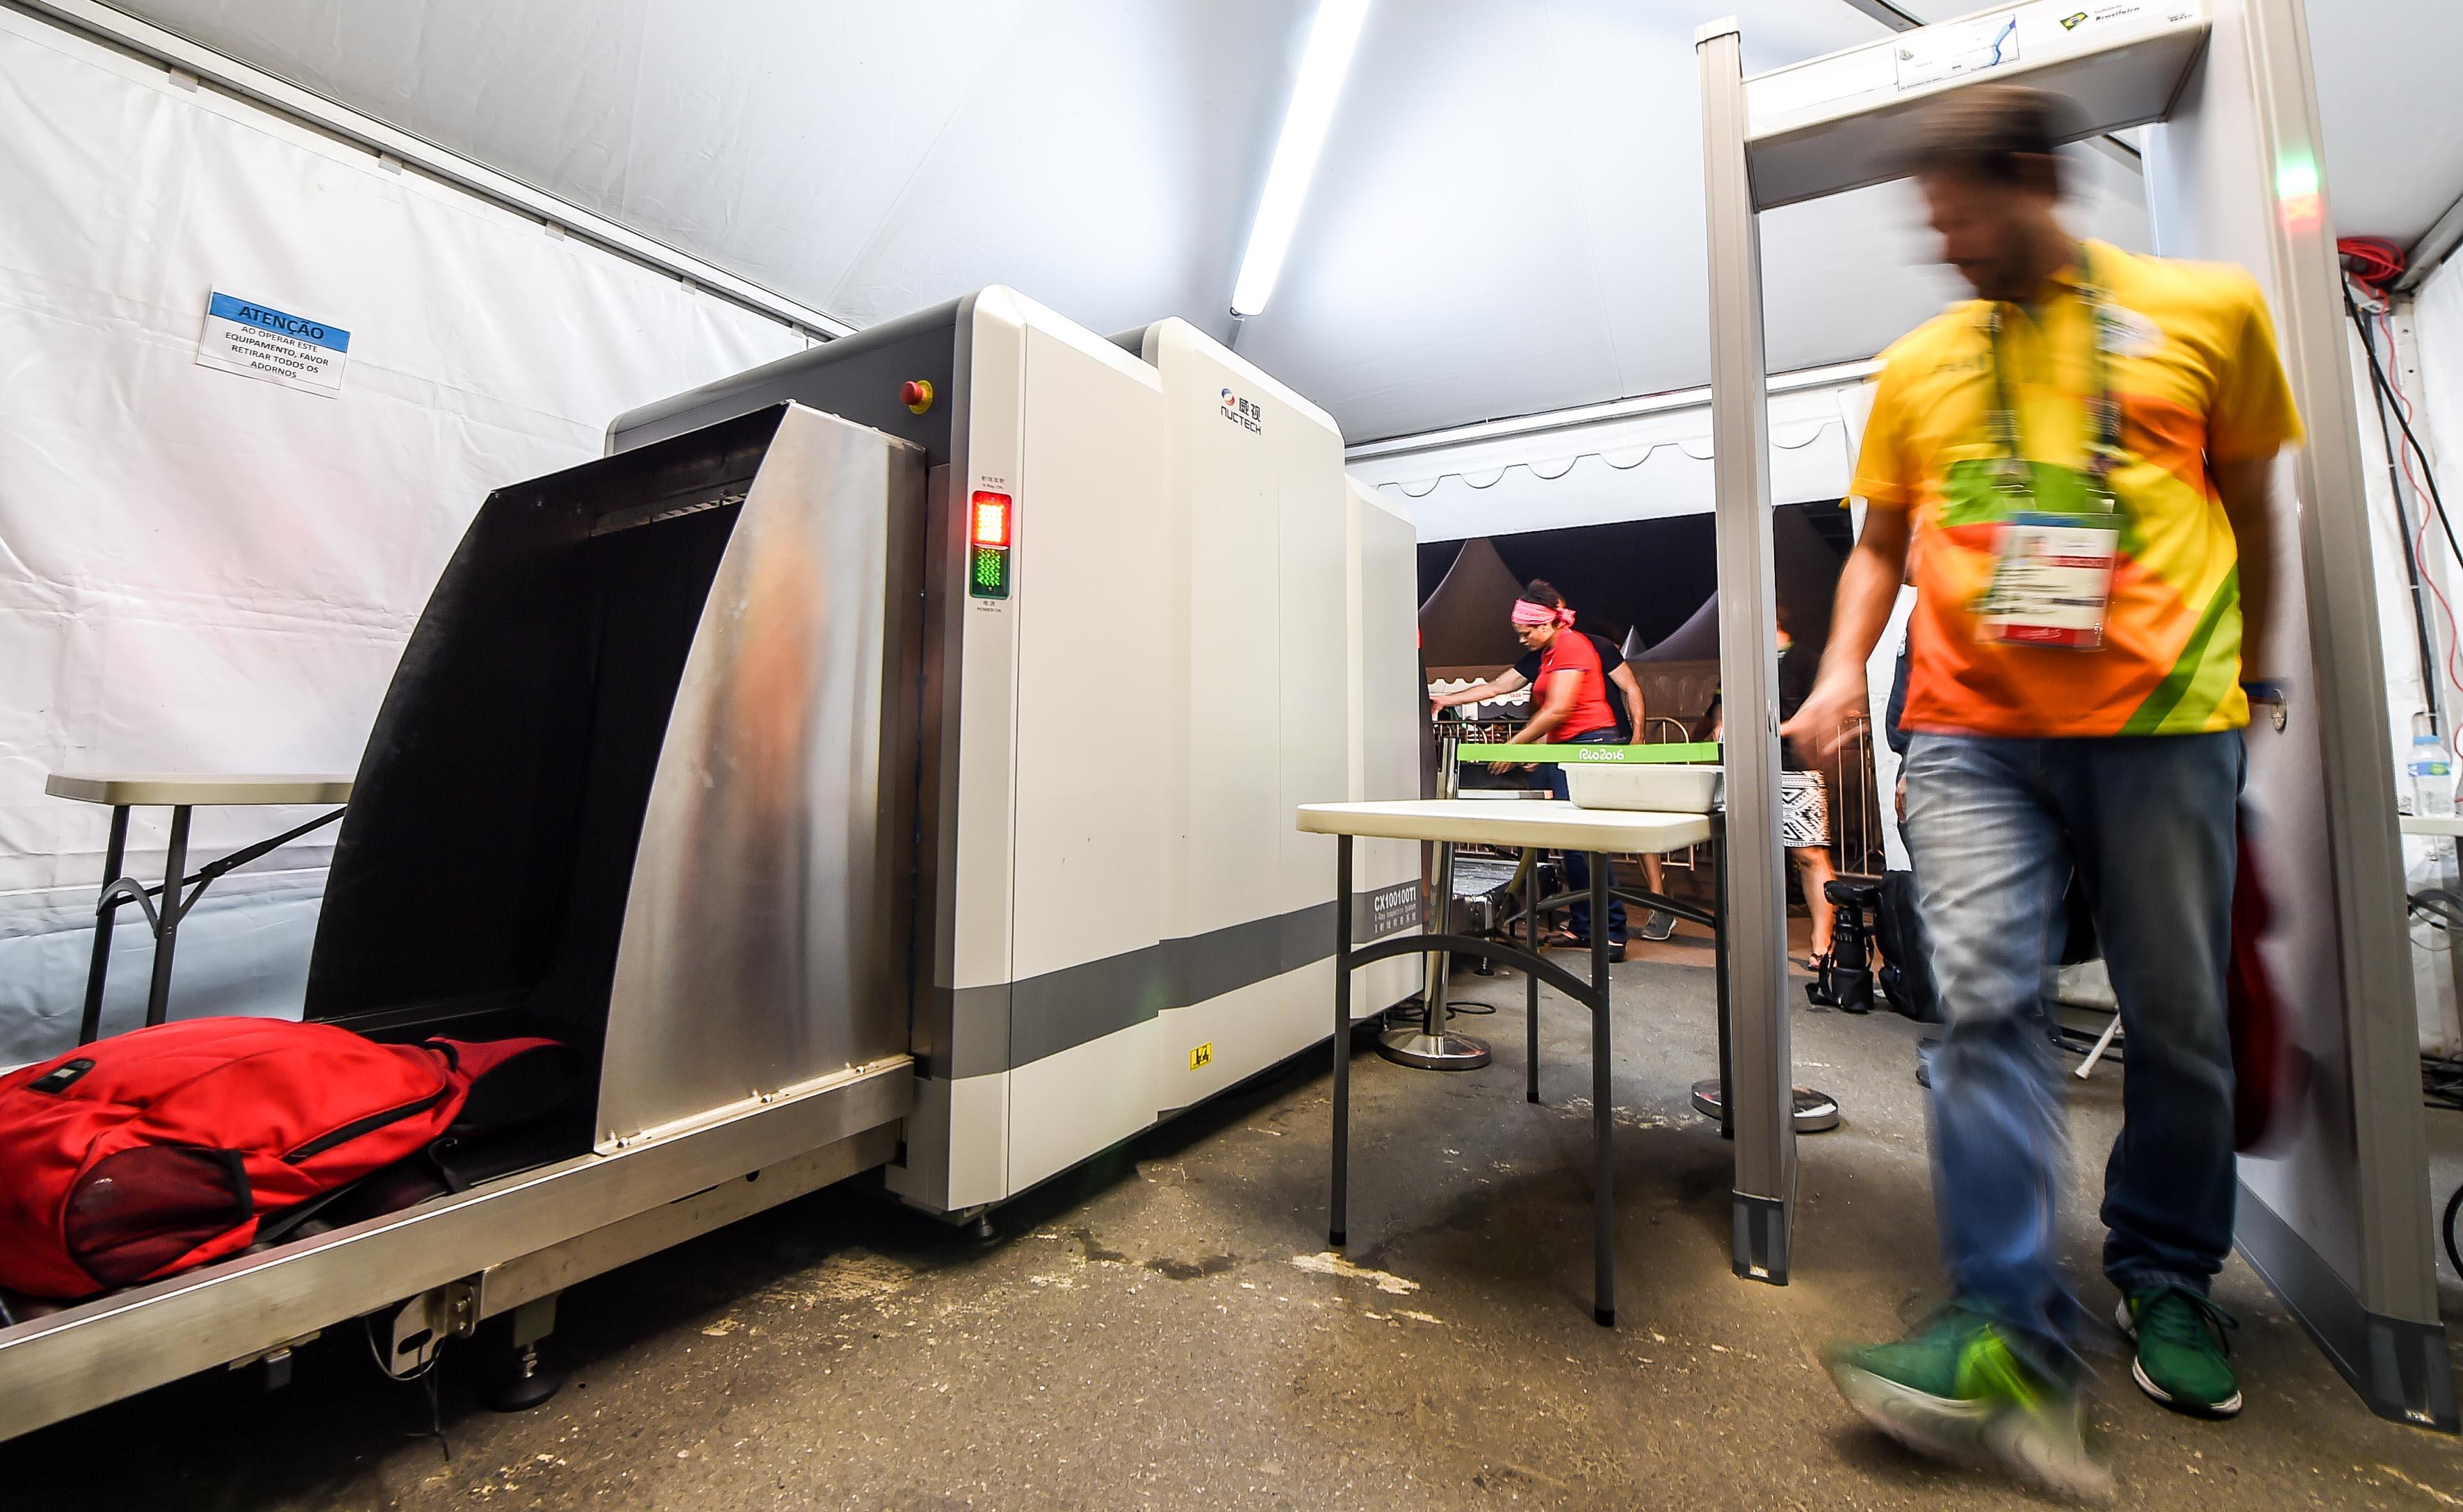 中国同方威视巴西子公司成为本届奥运会X射线安检设备的主要供货商。新华社记者王昊飞摄